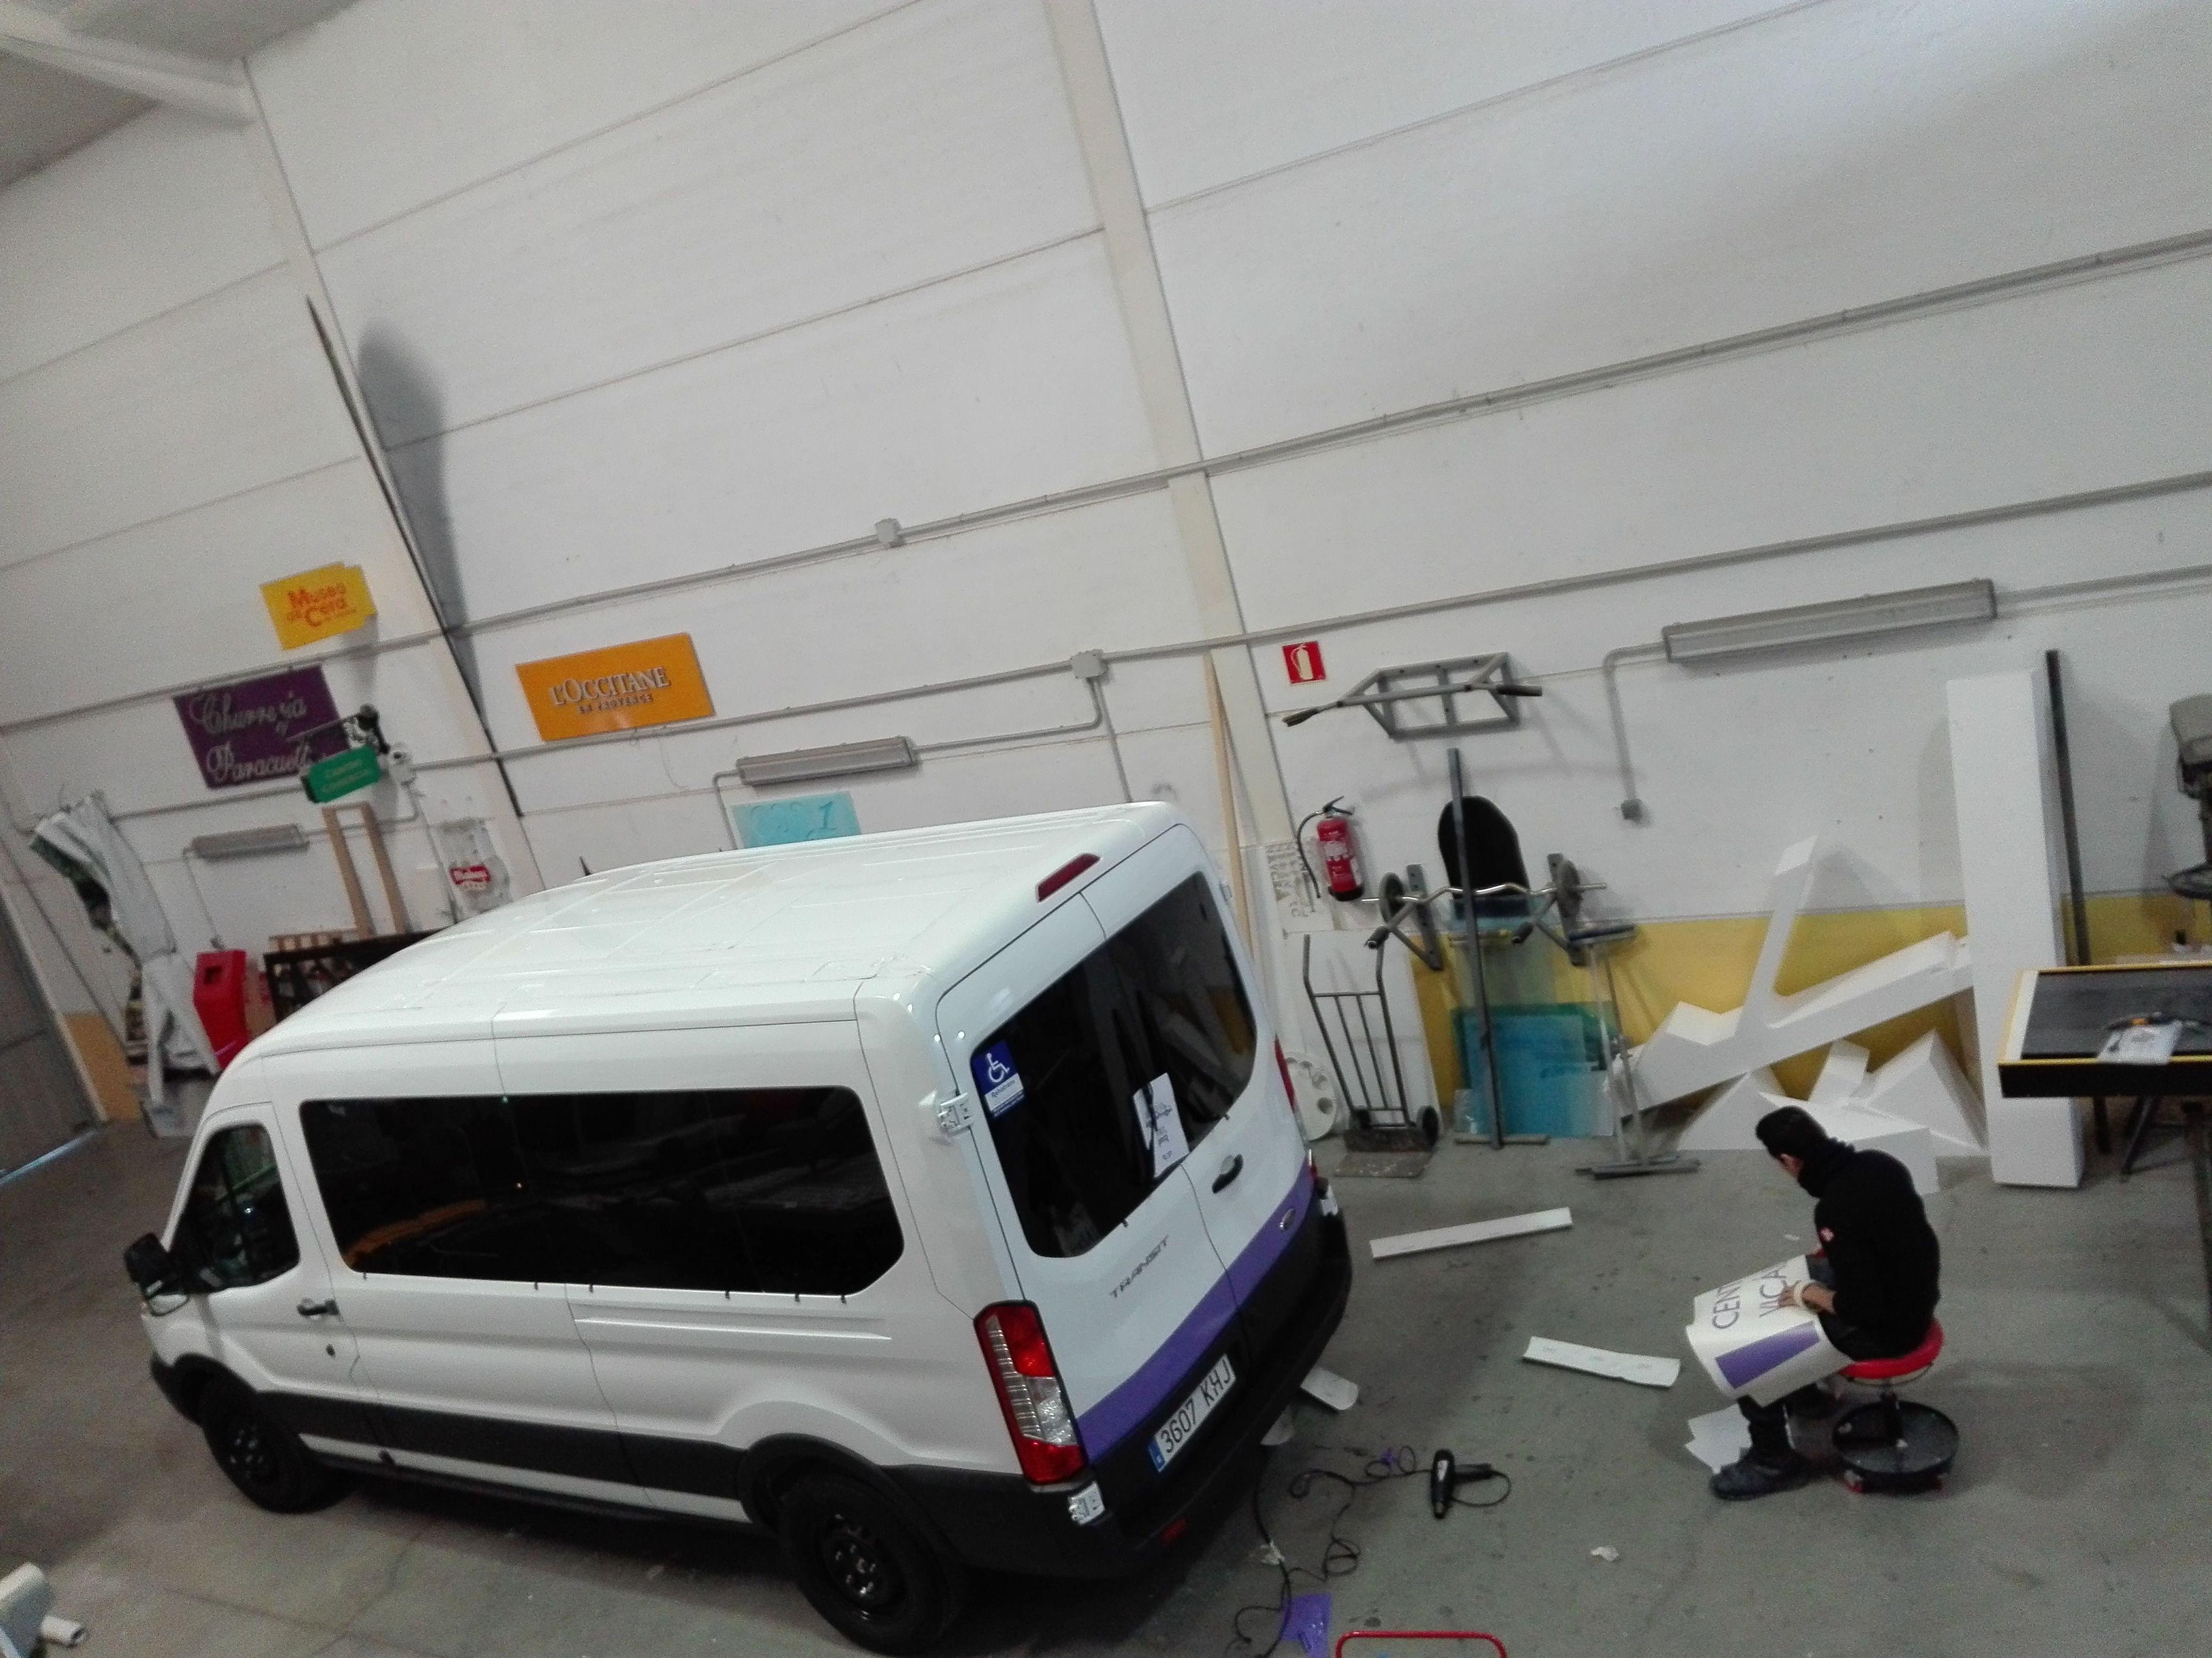 Rotulación de furgoneta para el Centro de mayores Día Vicálvaro ayuntamiento de Madrid.